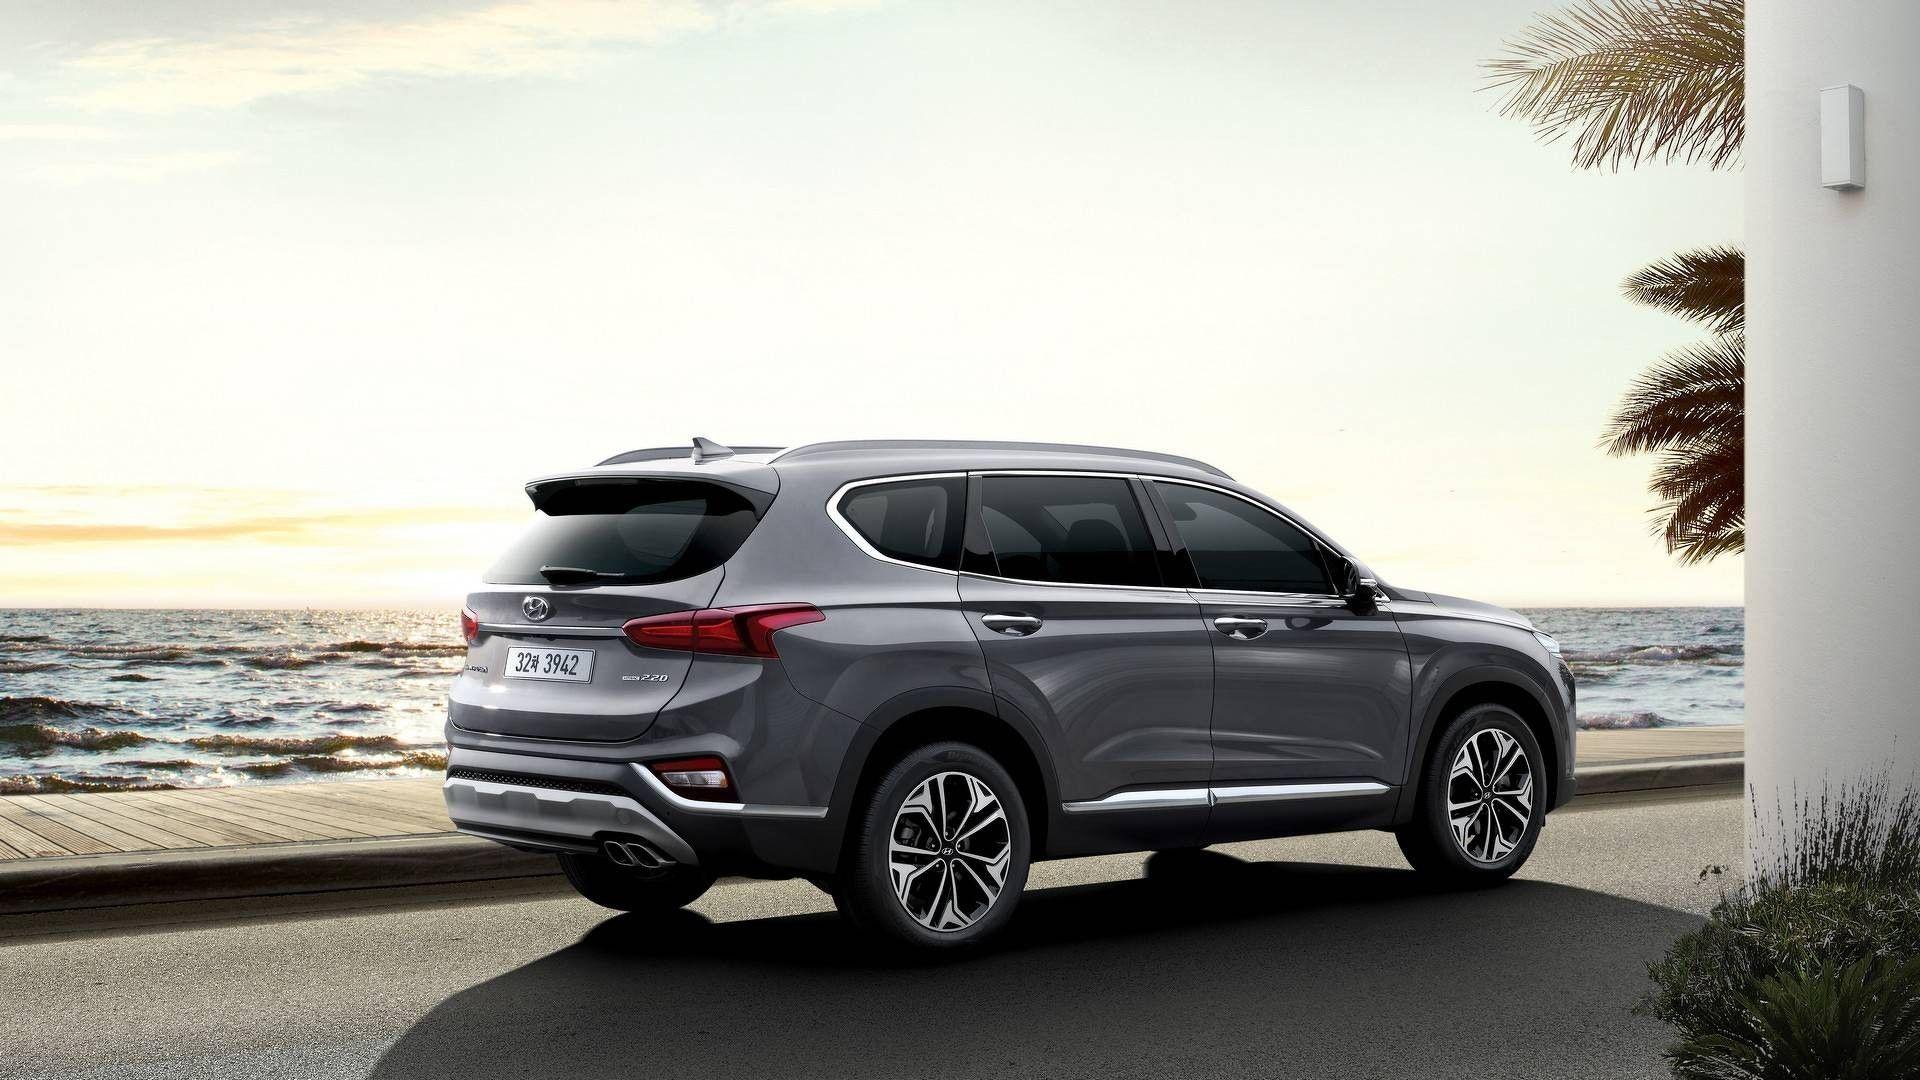 Nuova Hyundai Santa Fe Interni Motori Prezzi Del Suv A